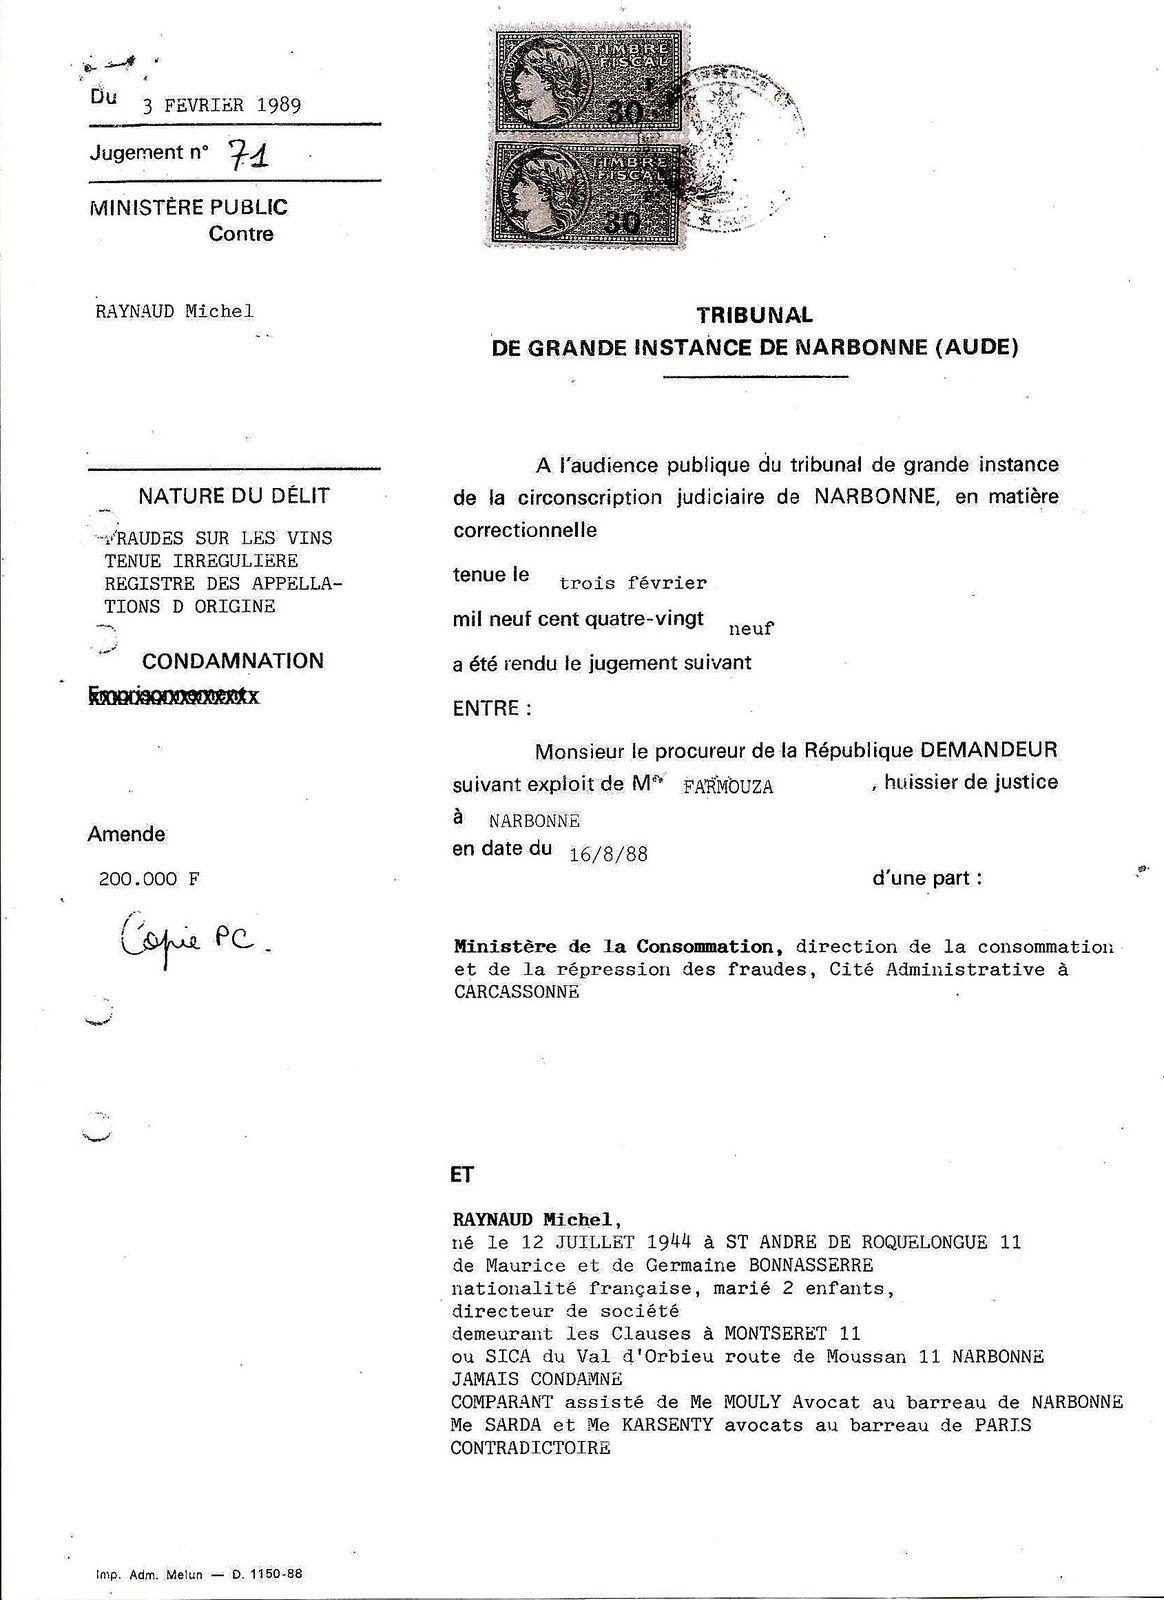 3 février 1989 - Tribunal de Grande Instance de Narbonne (Aude) : FRAUDE SUR LES VINS - Michel Raynaud, directeur de la SICA du Val d'Orbieu